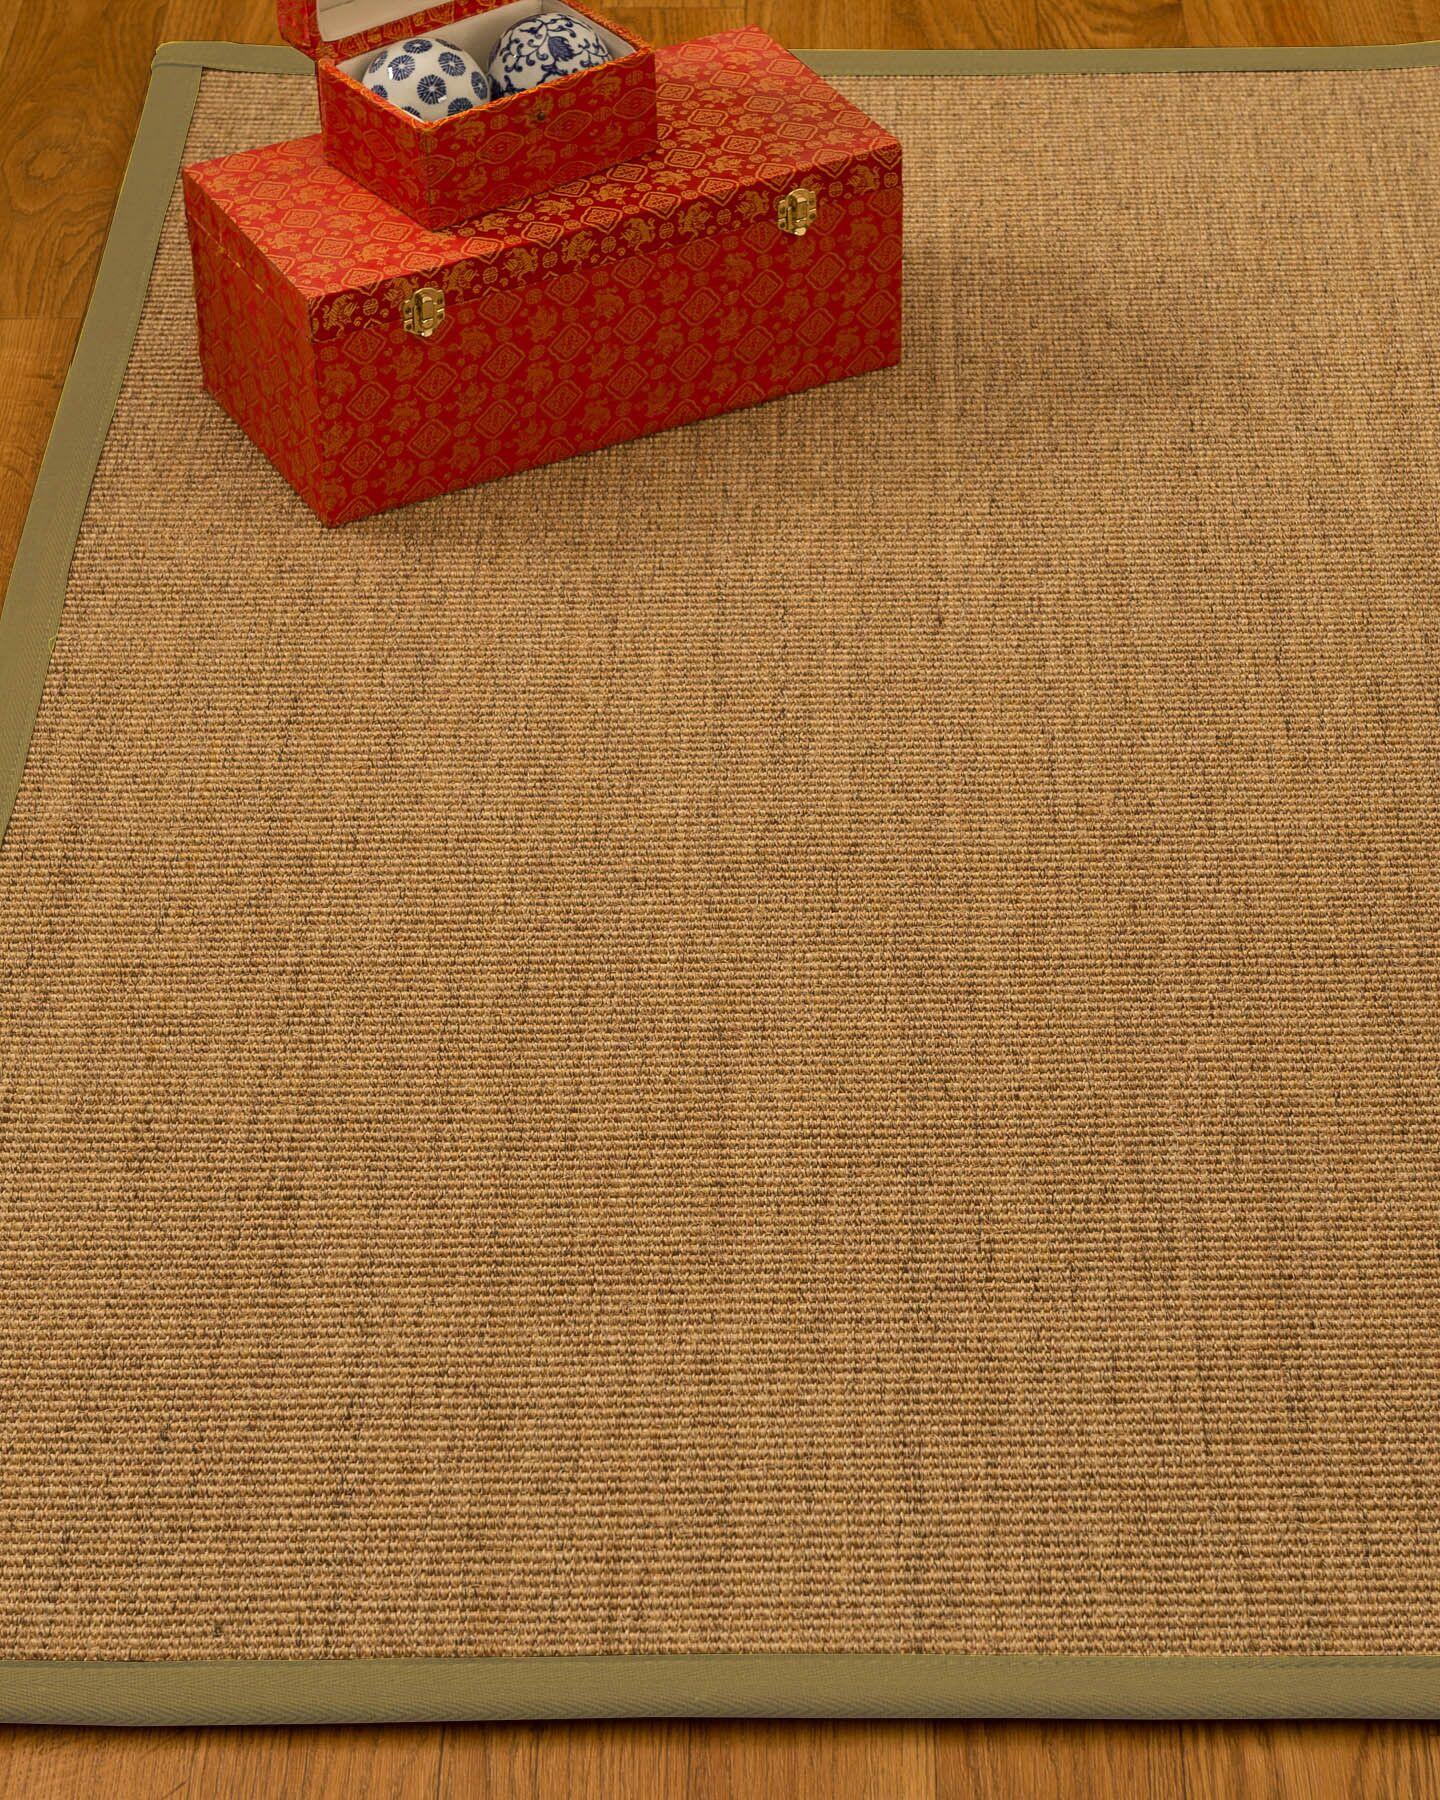 Kimberlin Hand-Woven Beige Area Rug Rug Size: Rectangle 6' x 9'